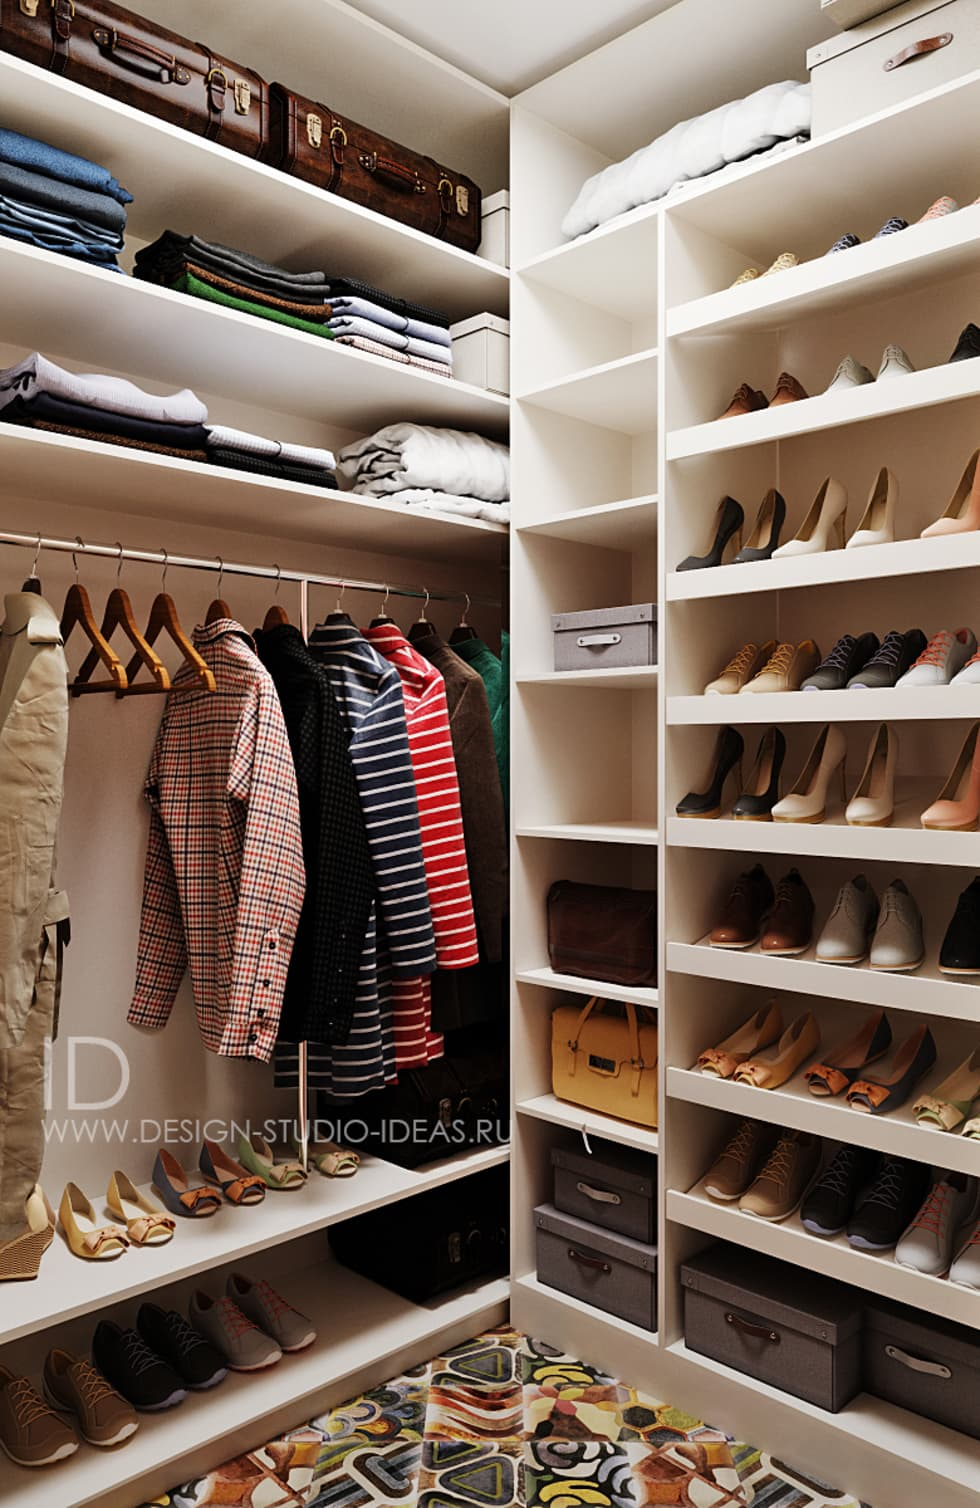 Проект: прихожая + гардероб + прачечная - nina romaniuk - my.